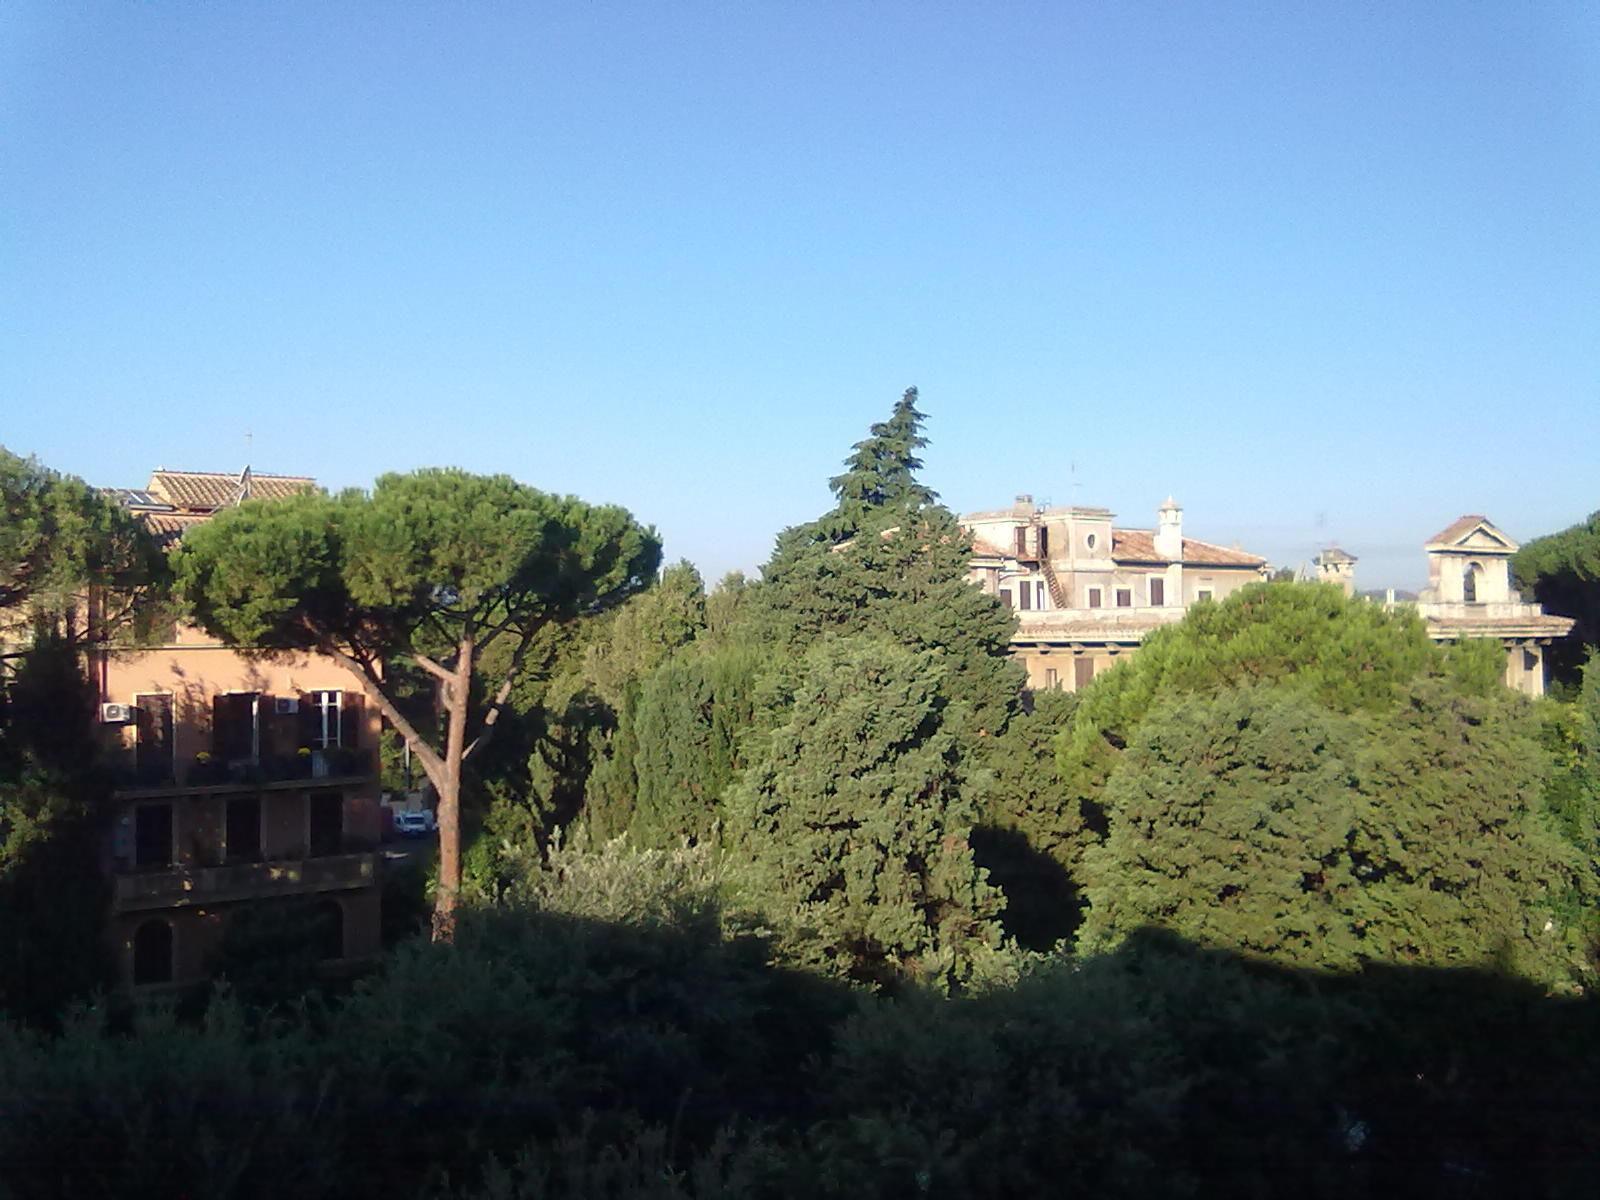 Kilátás a szobám ablakából. A háttérben az egykori Holland Intézet, ahol a holland kispapok laktak, akik itt tanultak Rómában. Amíg még voltak... Ma zárva az épület, tök üres.